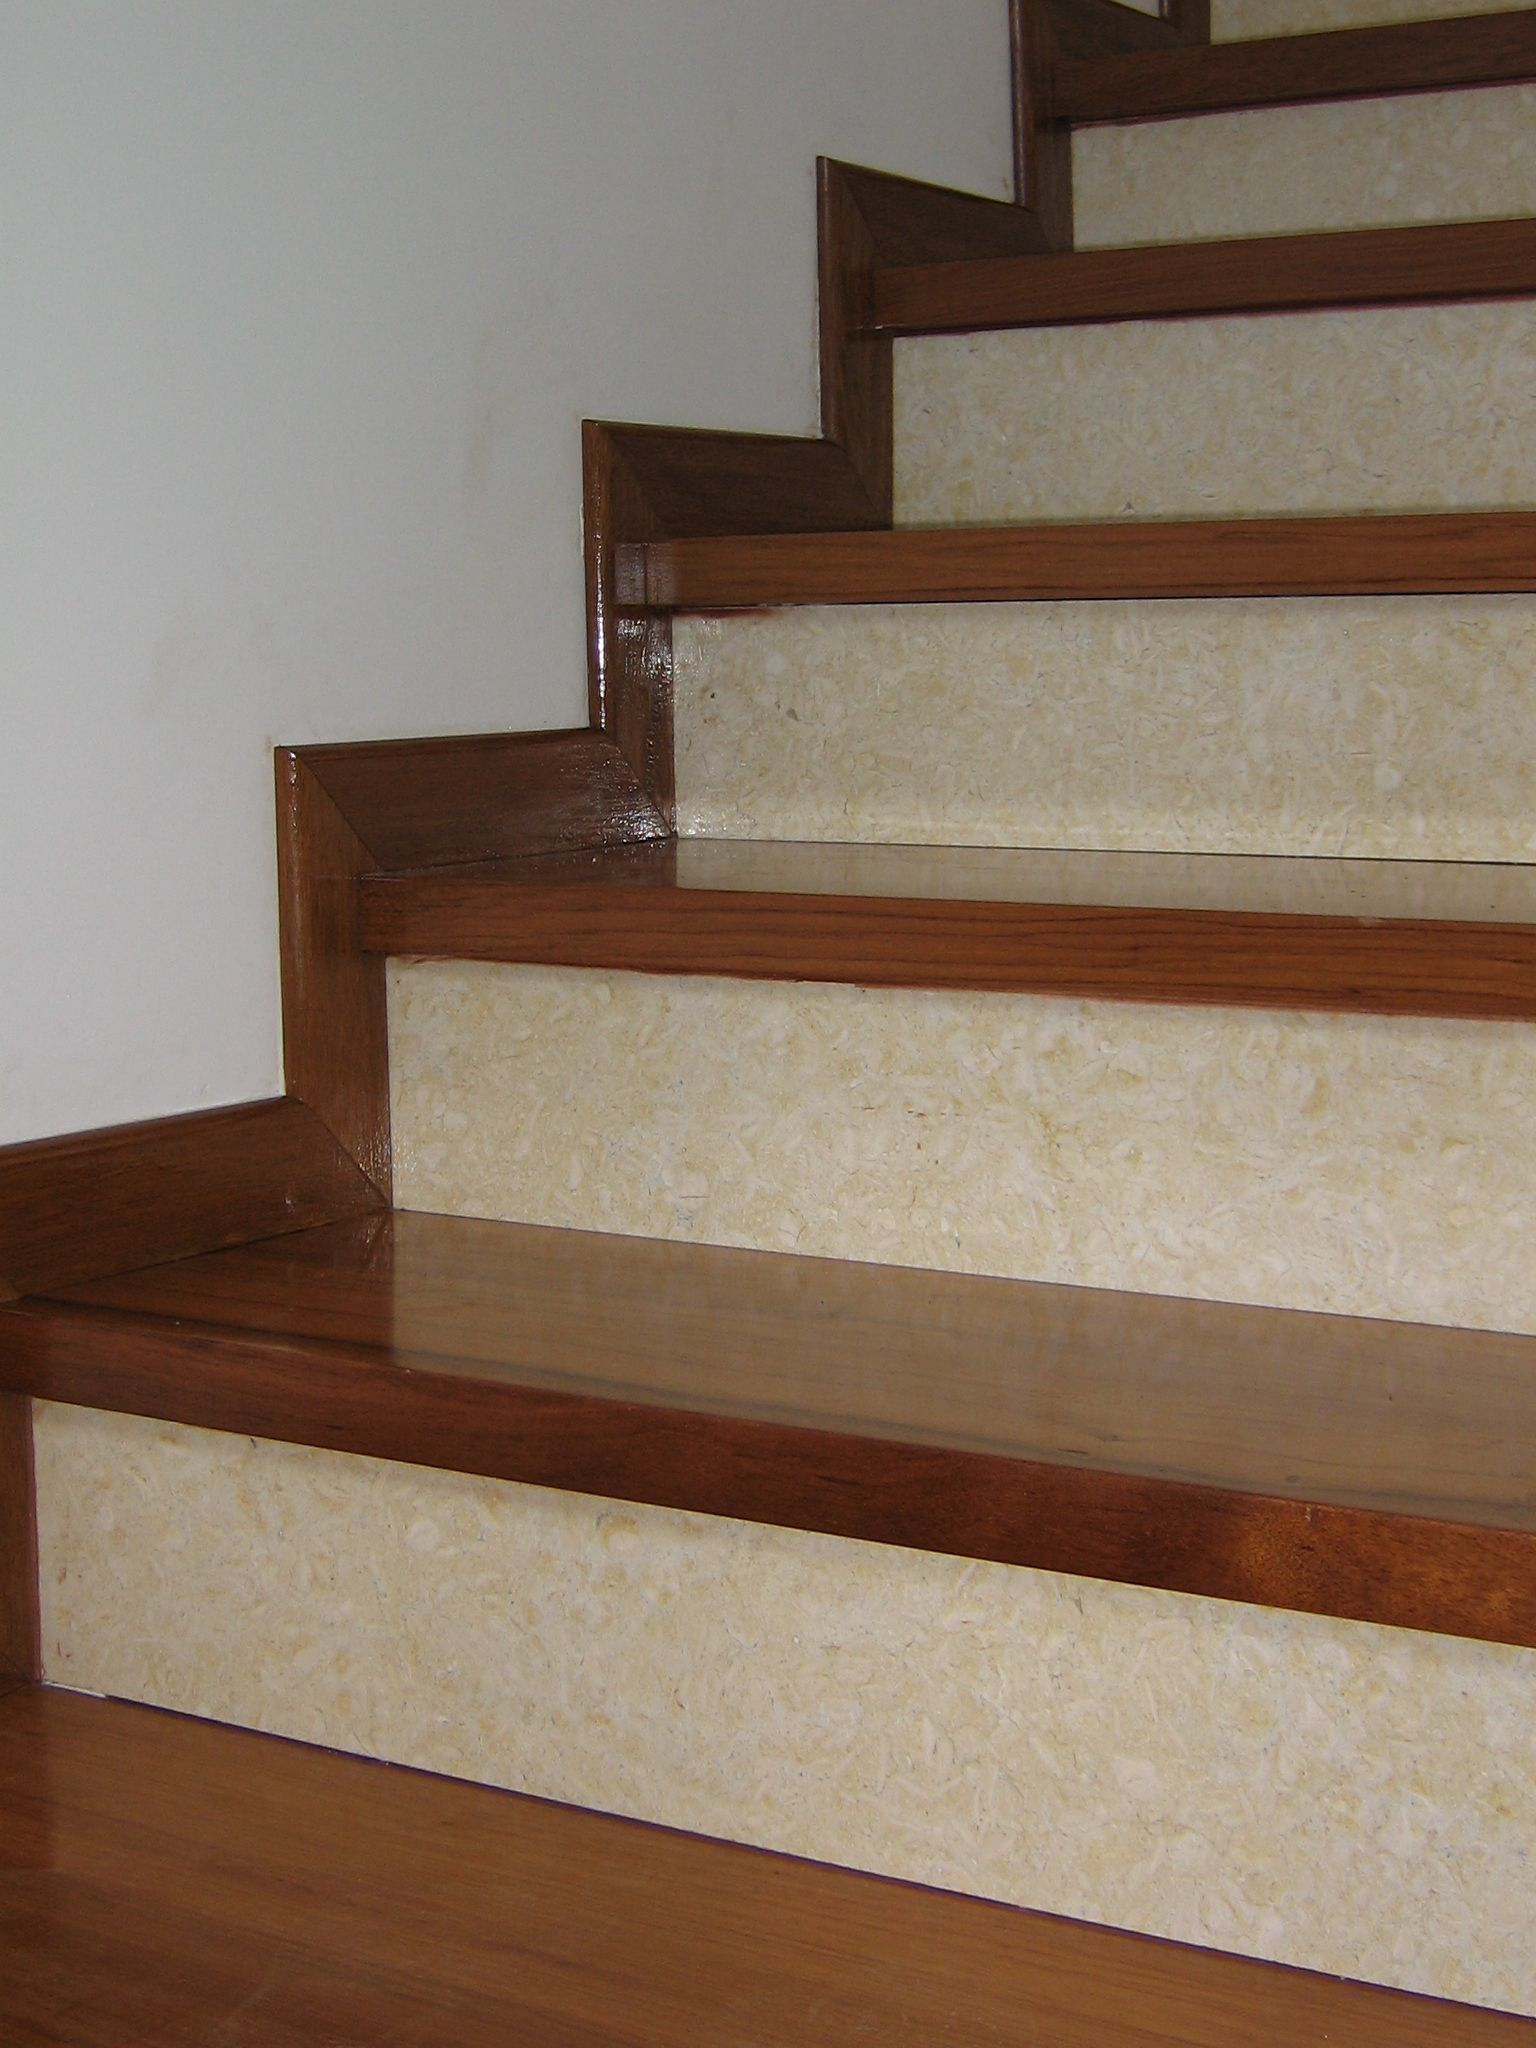 Huellas de escalera de madera buscar con google - Escalera de madera ...